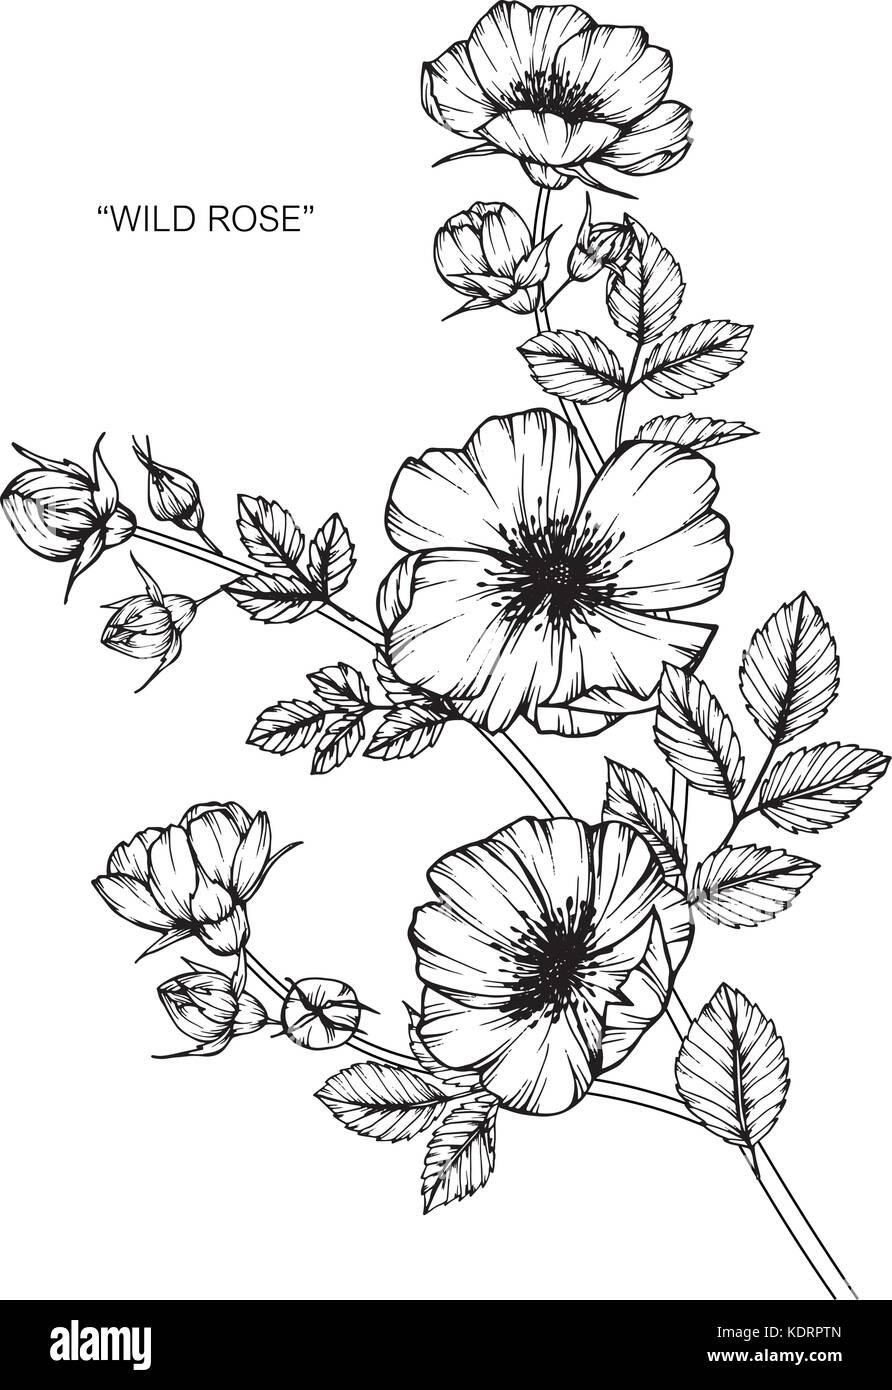 wilde rosen blume zeichnen abbildung schwarz und wei mit line art vektor abbildung bild. Black Bedroom Furniture Sets. Home Design Ideas